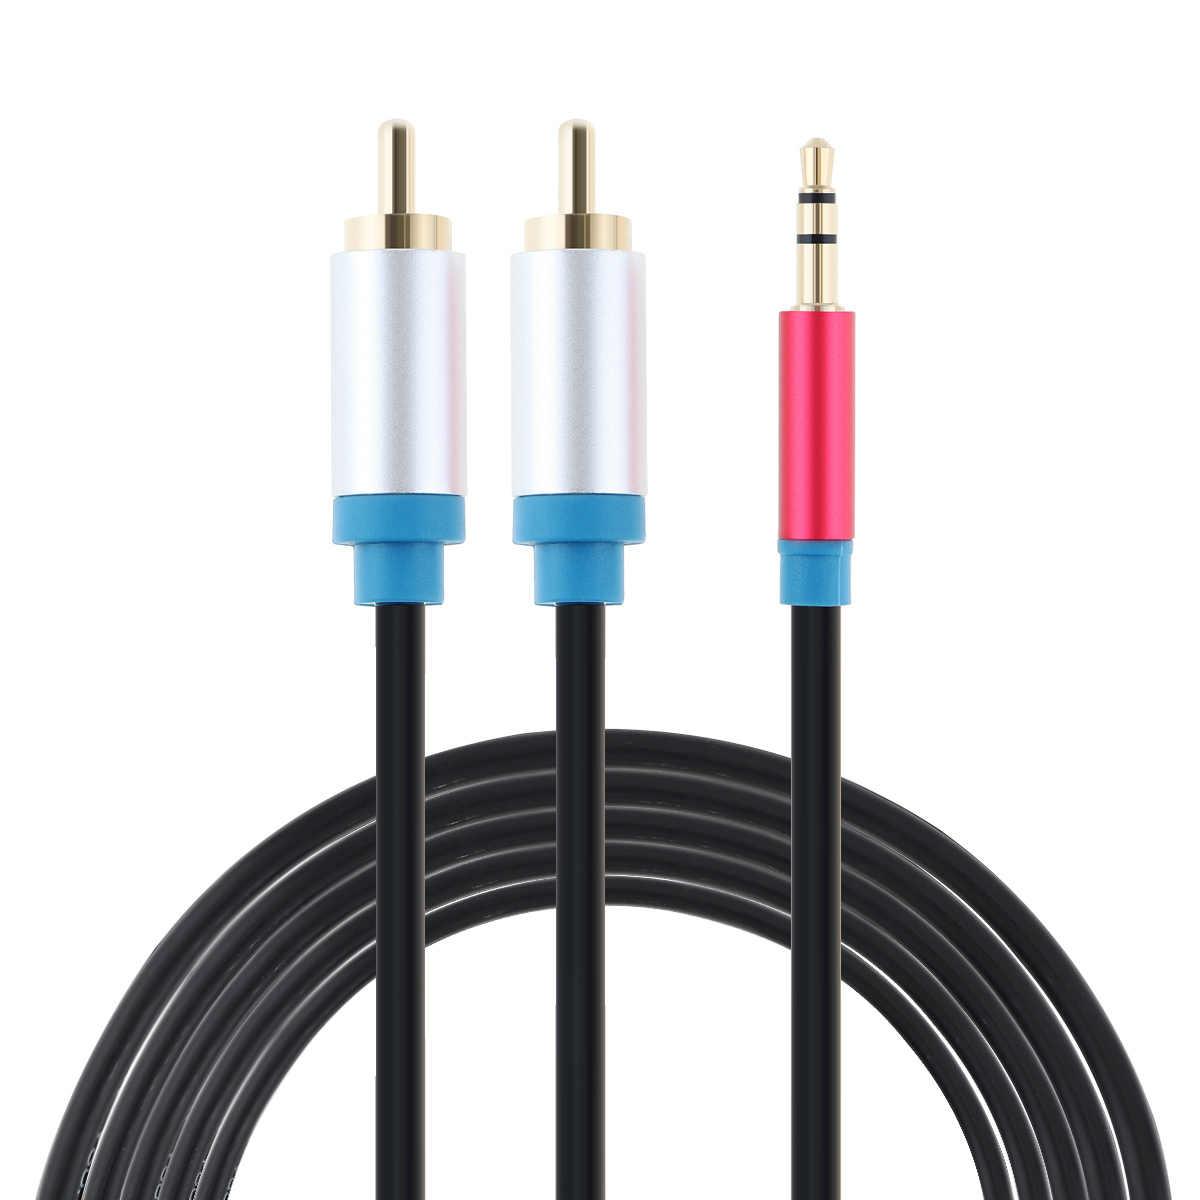 DiGiYes 3 M/9.84Ft kabel rca radio hifi 2RCA do 3.5MM kabel Audio wsparcie AUX złącze rca 3.5 Y Splitter do wzmacniacza/Audio